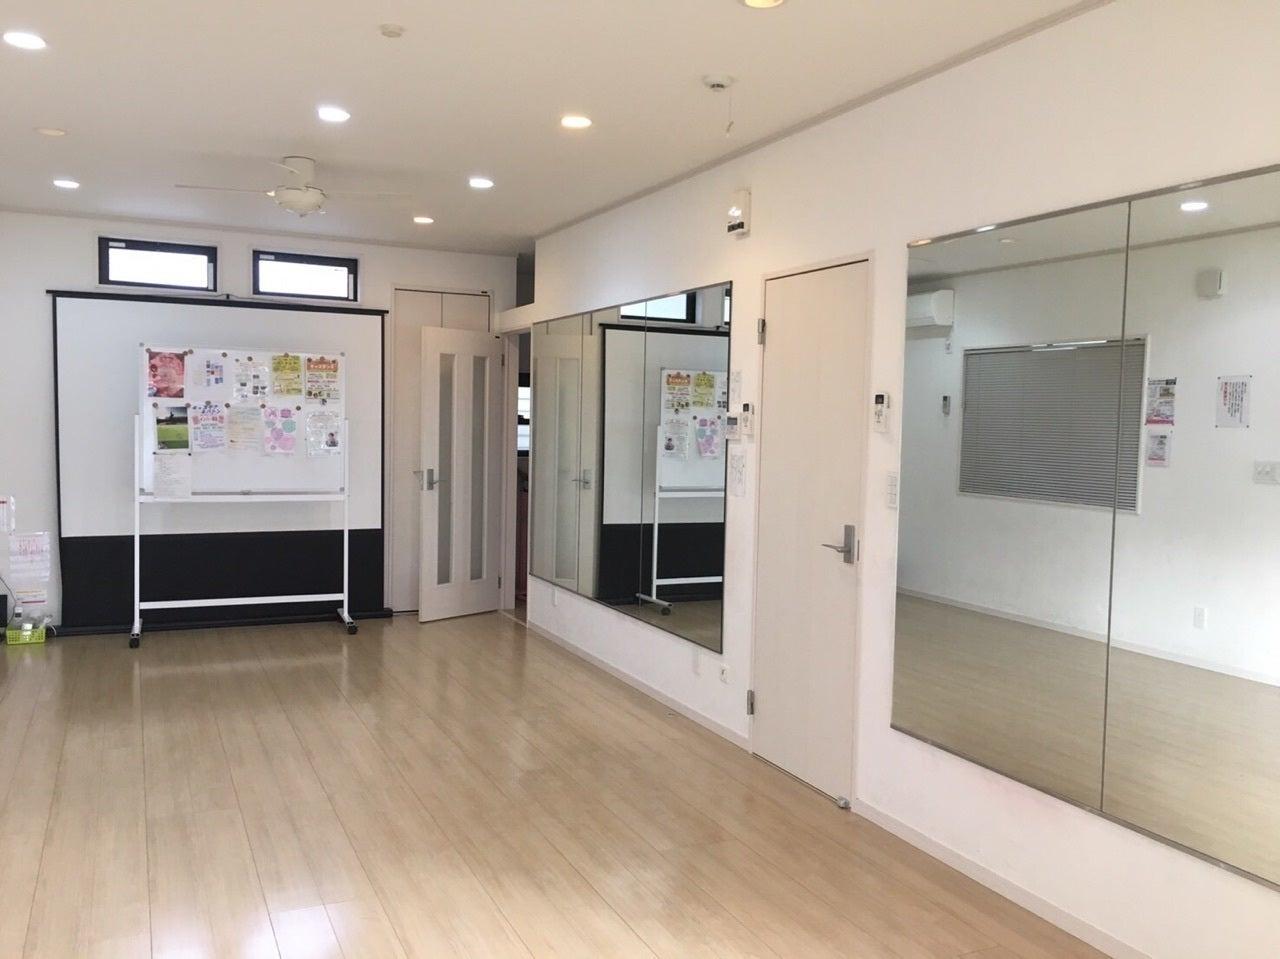 【東林間徒歩8分】オールタイム1000円!ダンスができるレンタルスタジオ! の写真